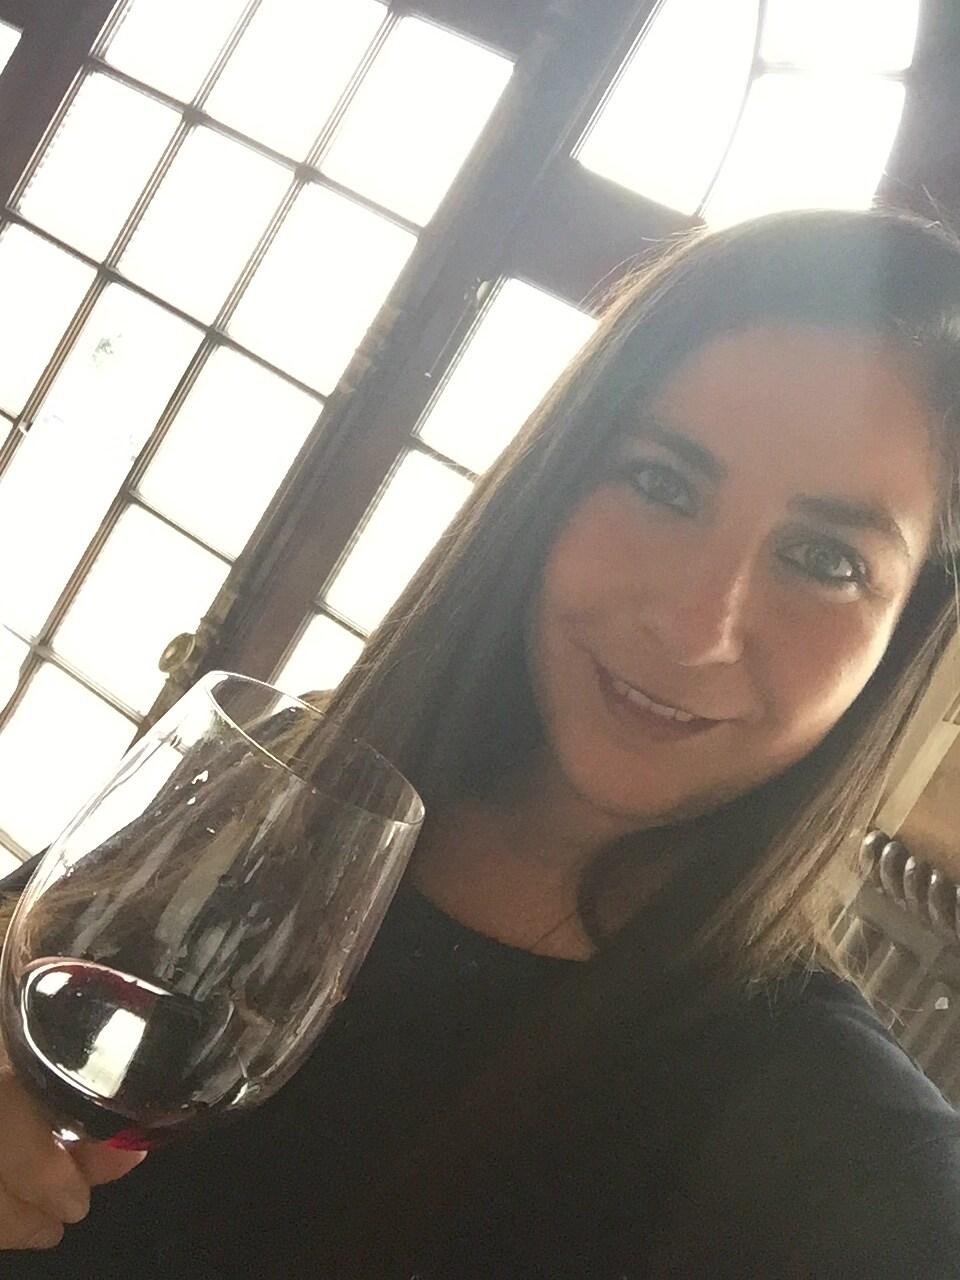 Ana from Antigua Guatemala